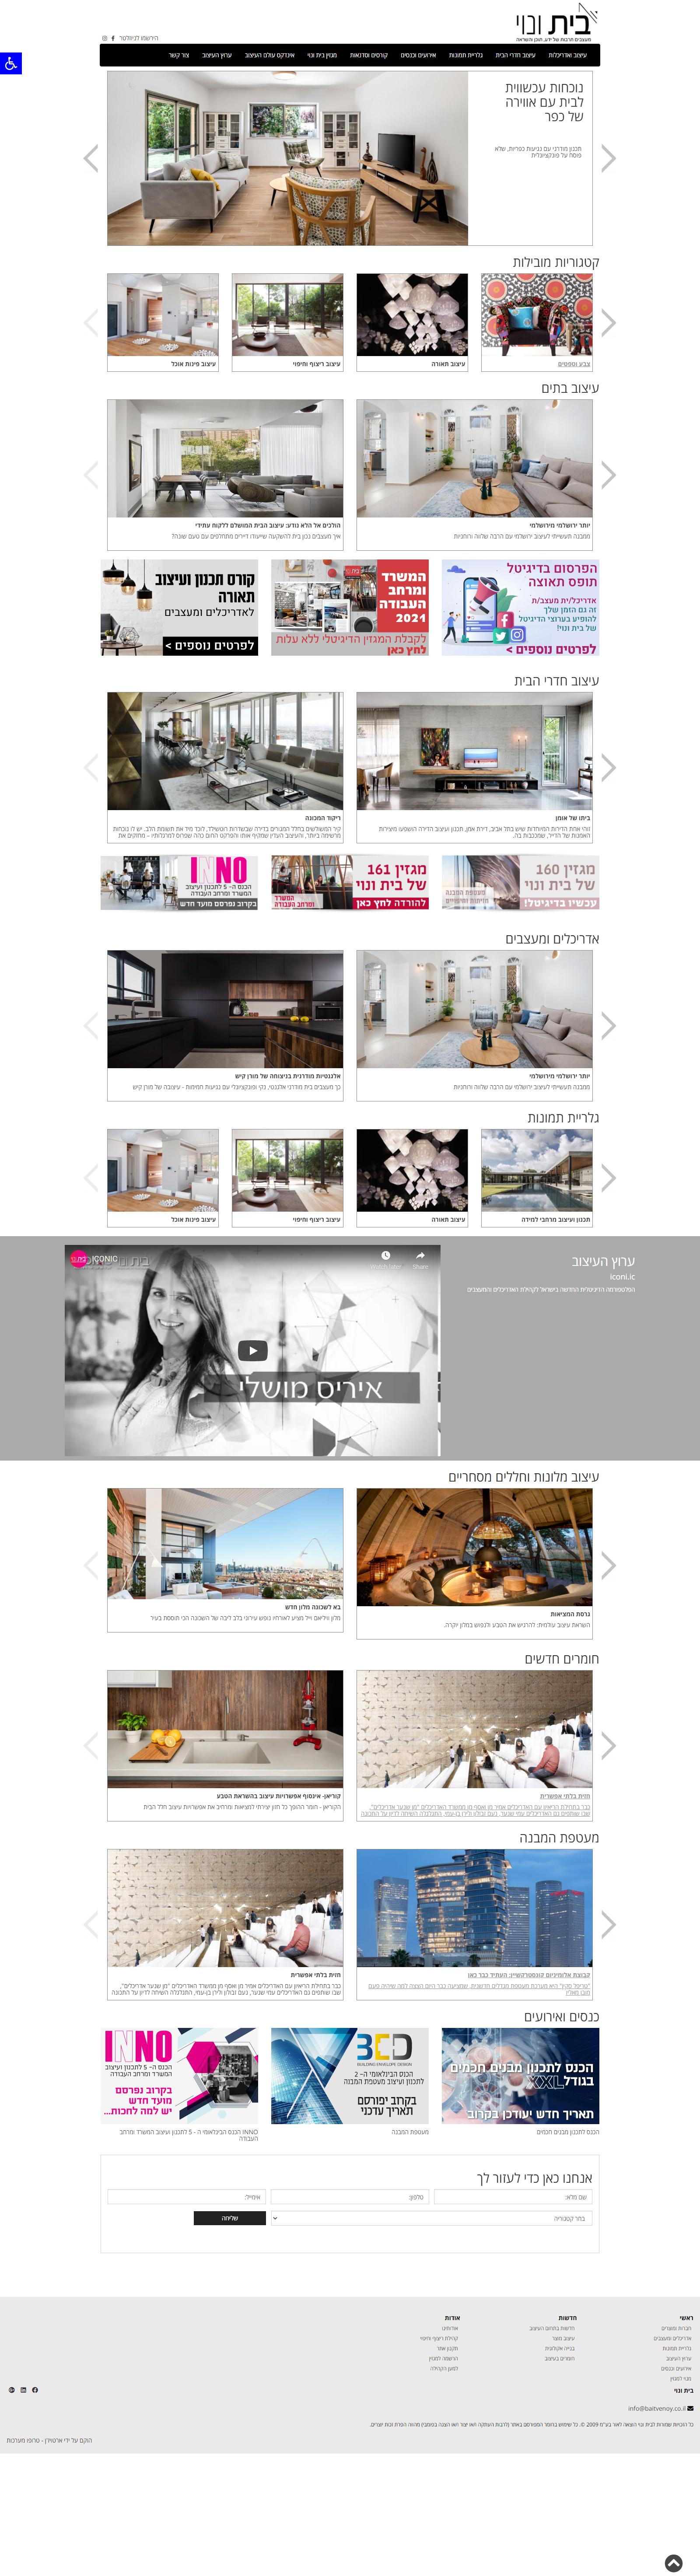 בית ונוי עיצוב פנים ואדריכלות - אינדקס אדריכלים, כנסים ואירועים, מגזין בית ונוי, ניו-מדיה